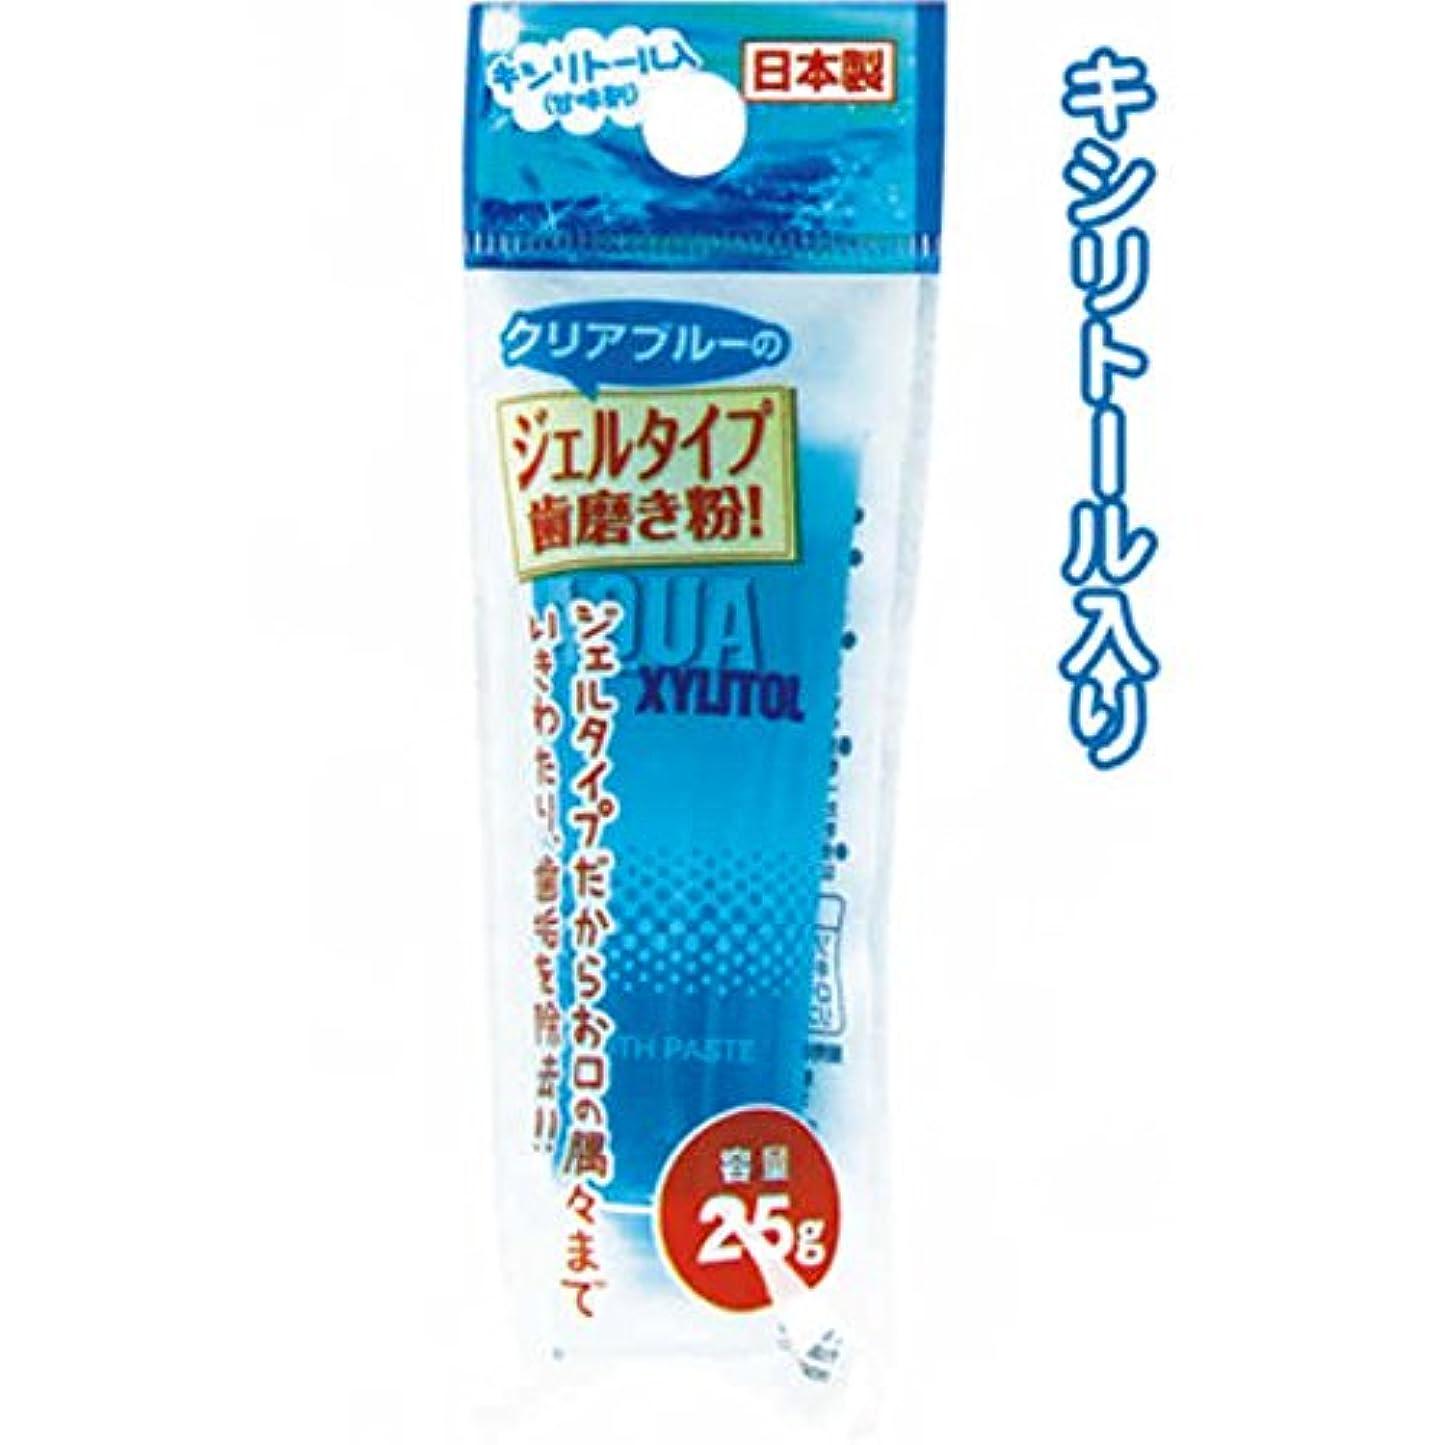 守るホステルラバデンタルジェル(25g)日本製 japan 【まとめ買い12個セット】 41-096